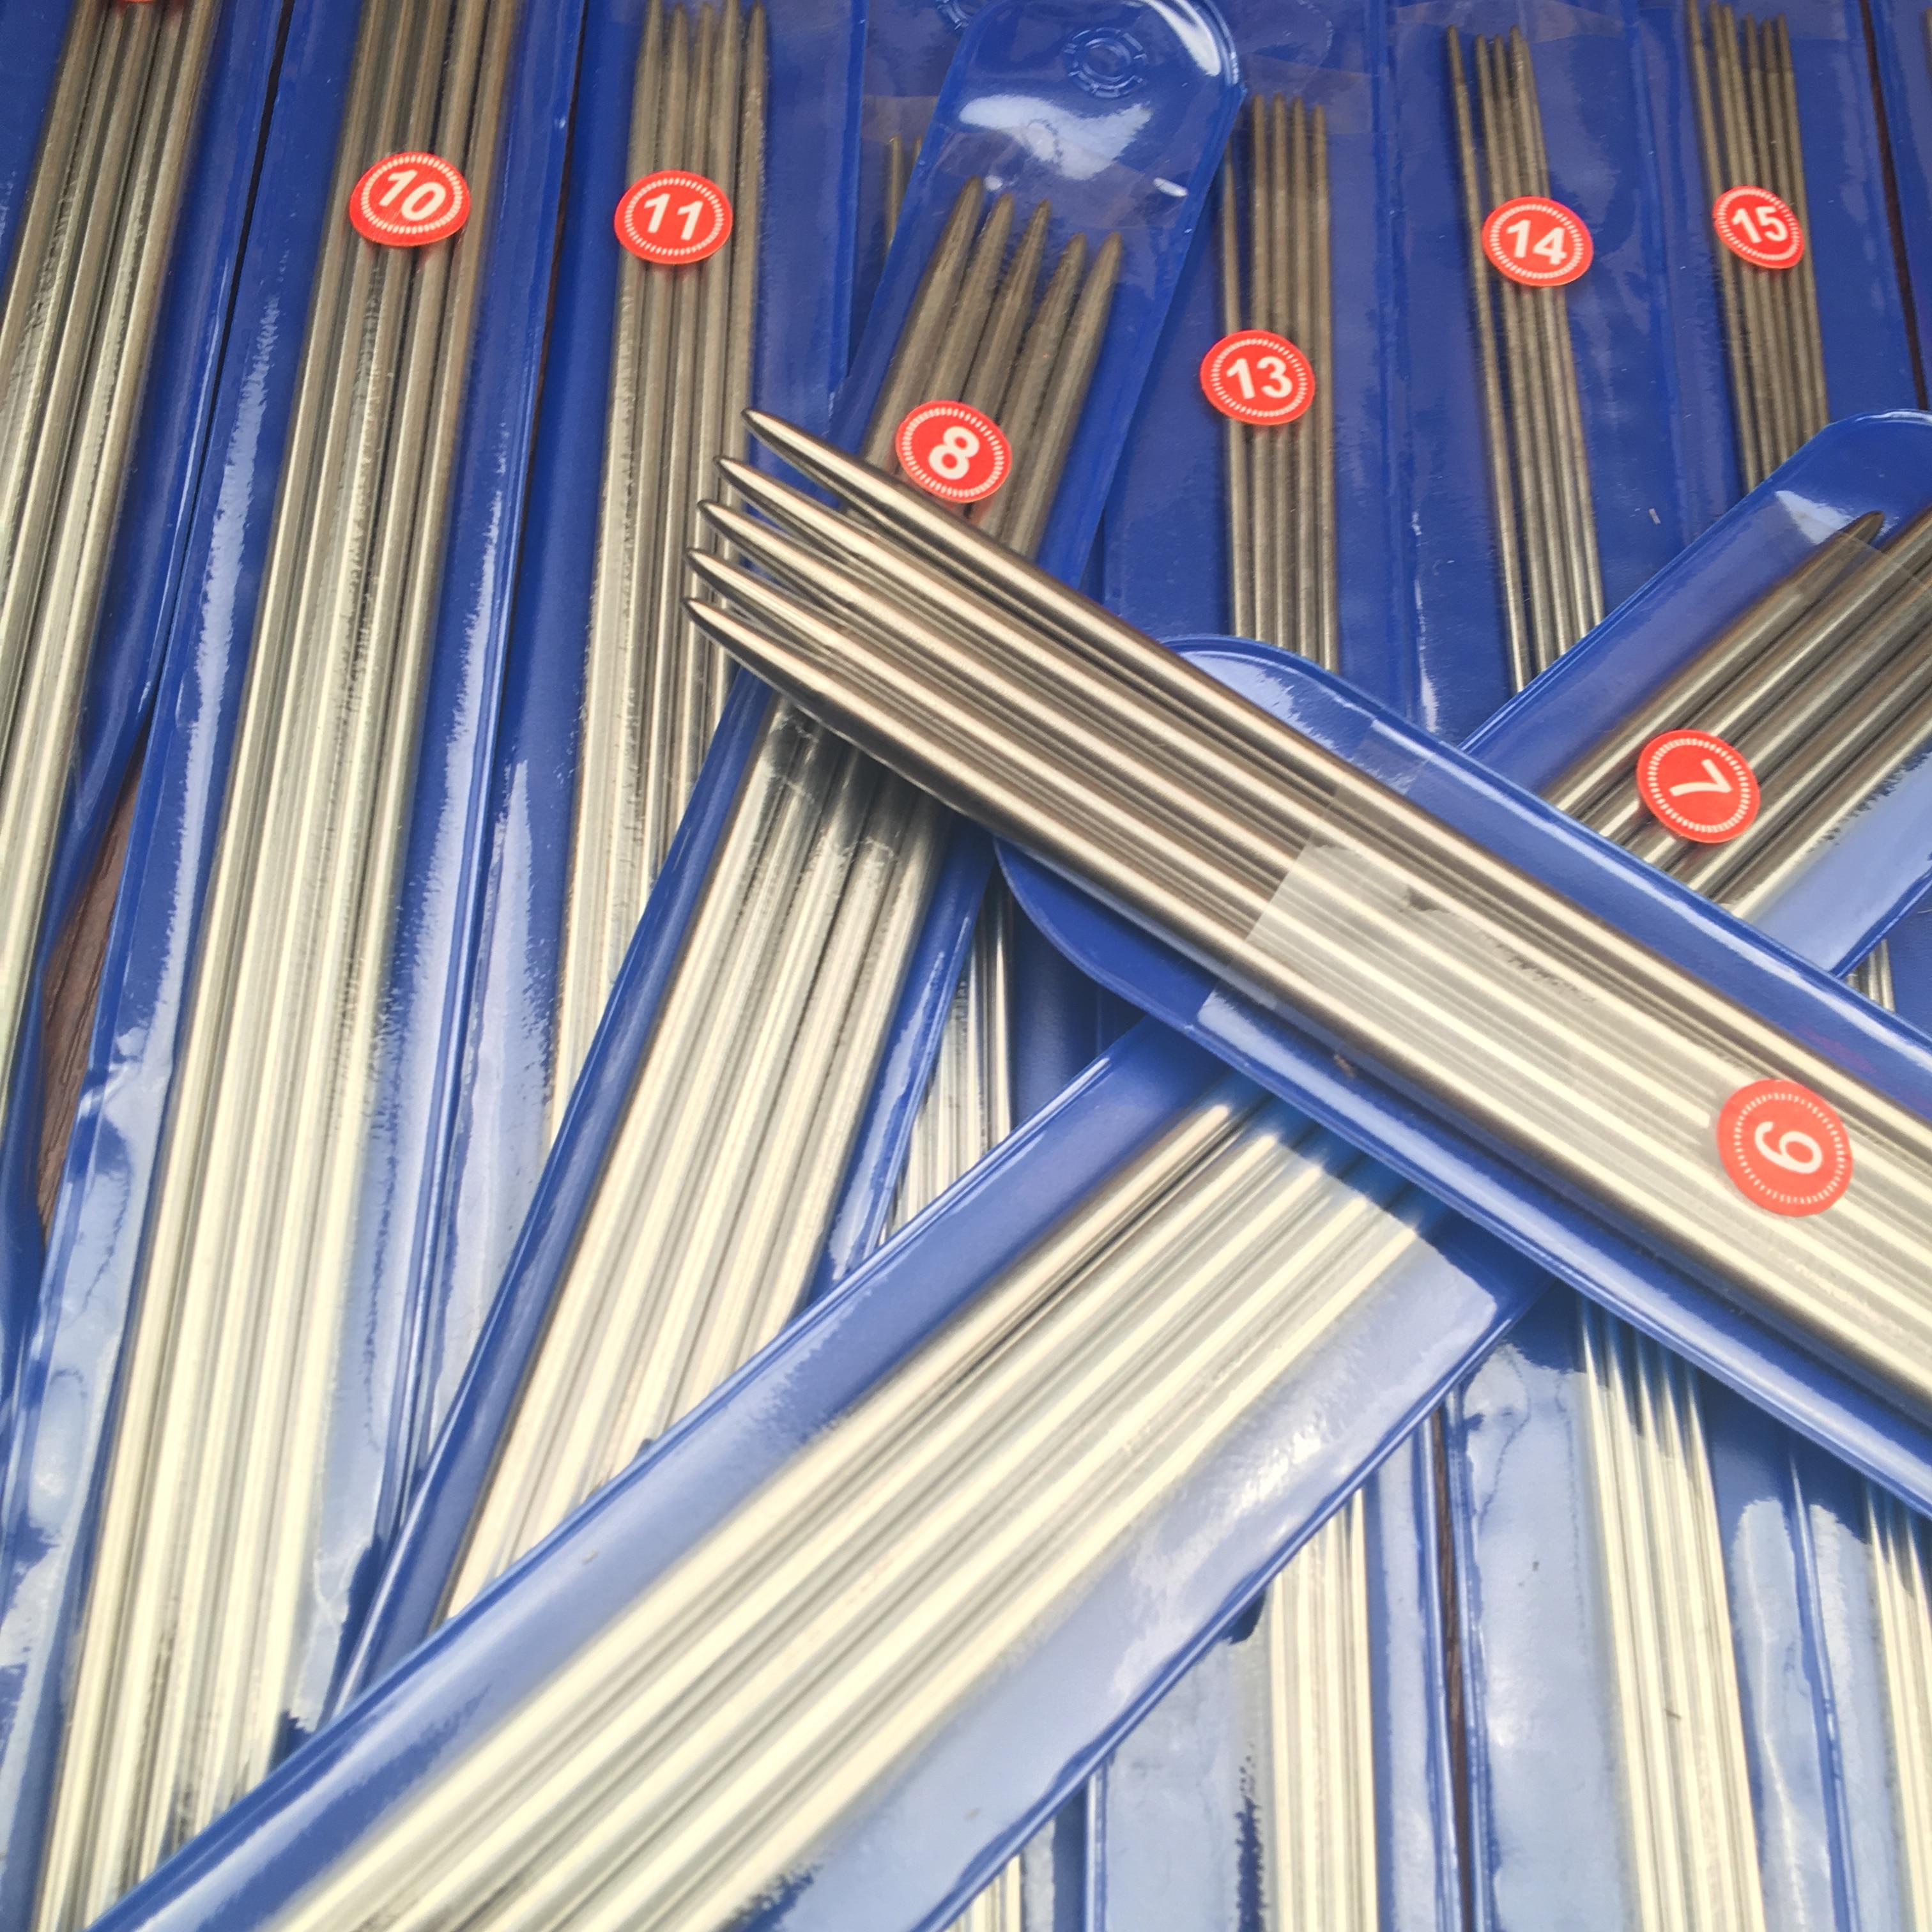 35 Pcs 2.0mm-5.0mm 7size /SET 25cm/35cm Stainless Steel Straight Knitting Needles Crochet Hooks Knitting Needles Set Size